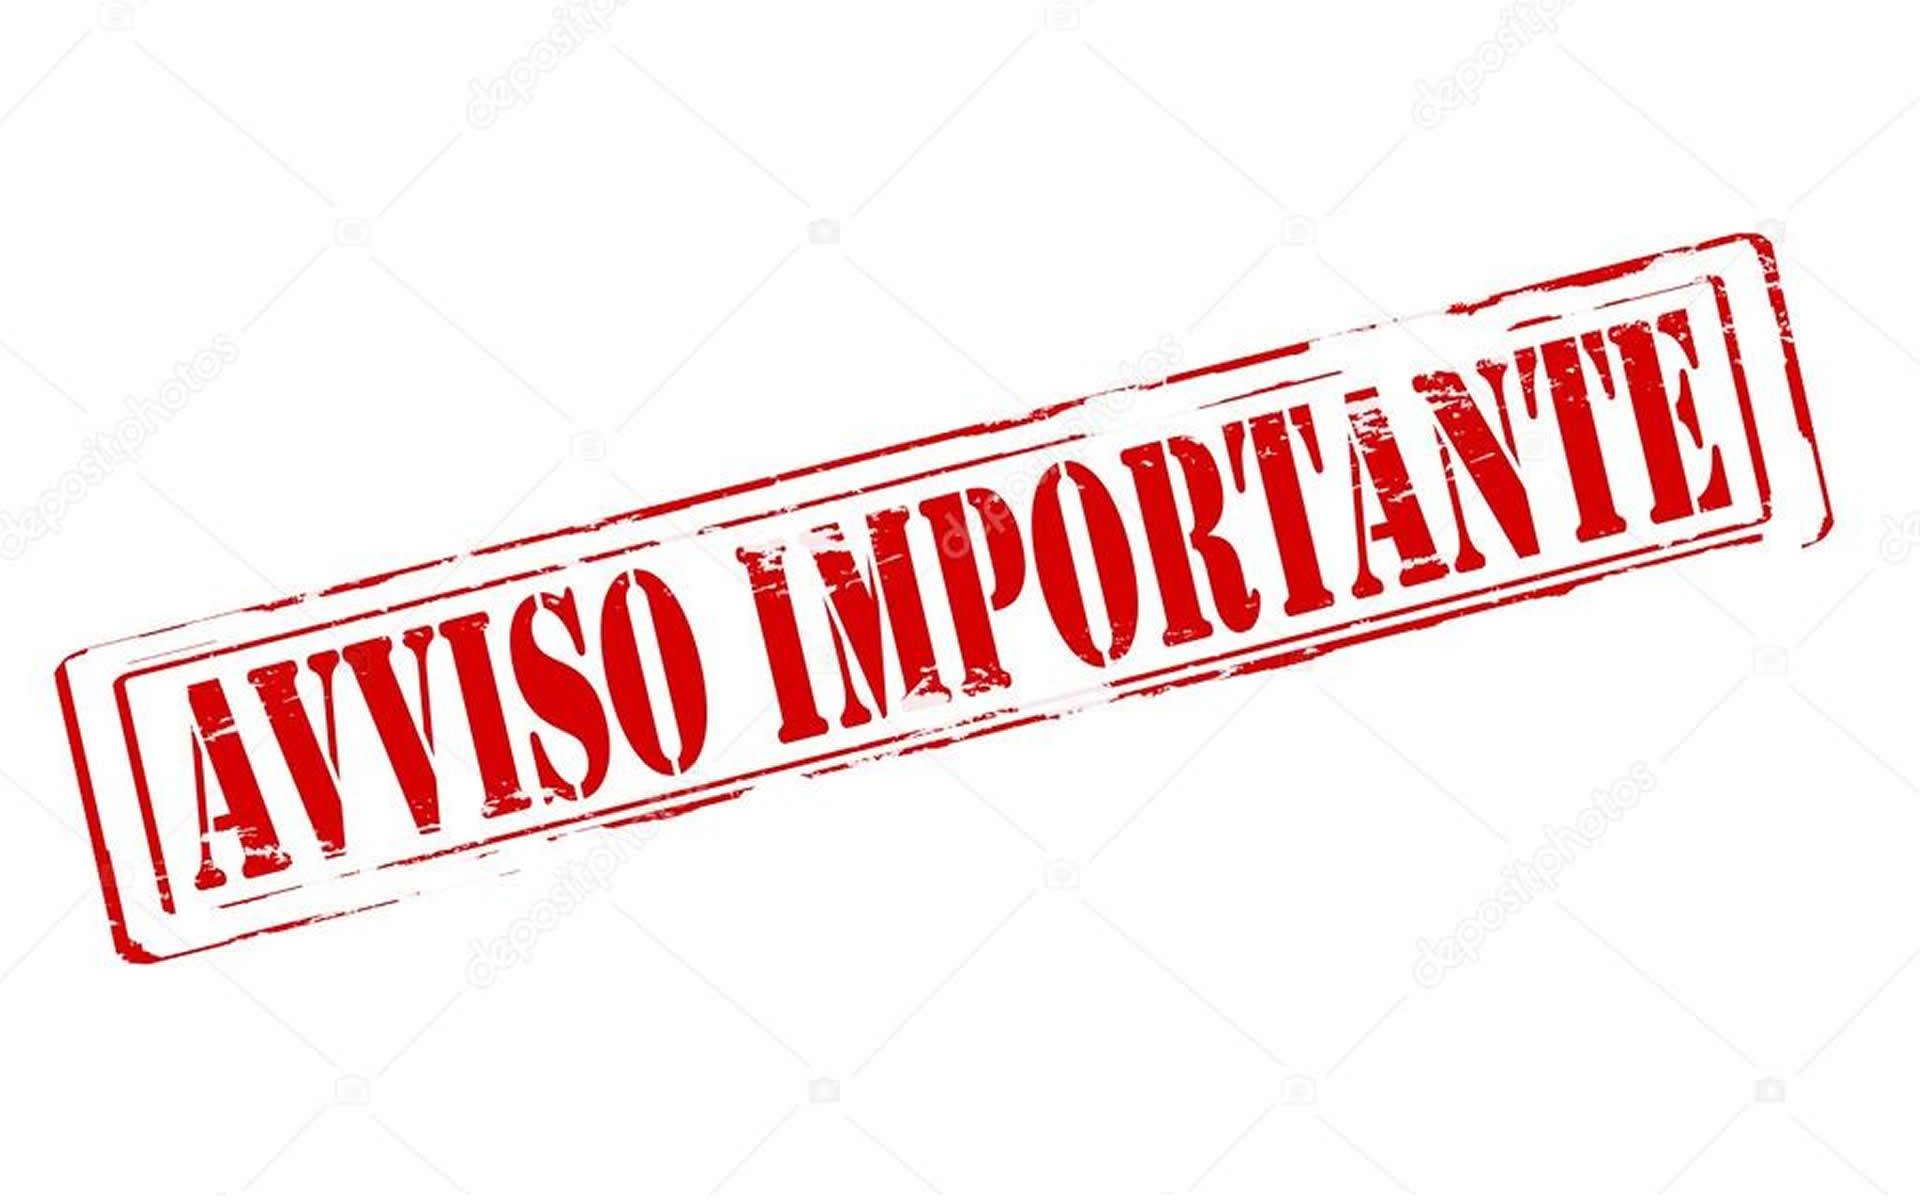 Comunicazione 187: Informativa al personale scolastico relativa alle misure urgenti per l'esercizio in sicurezza delle attività scolastiche